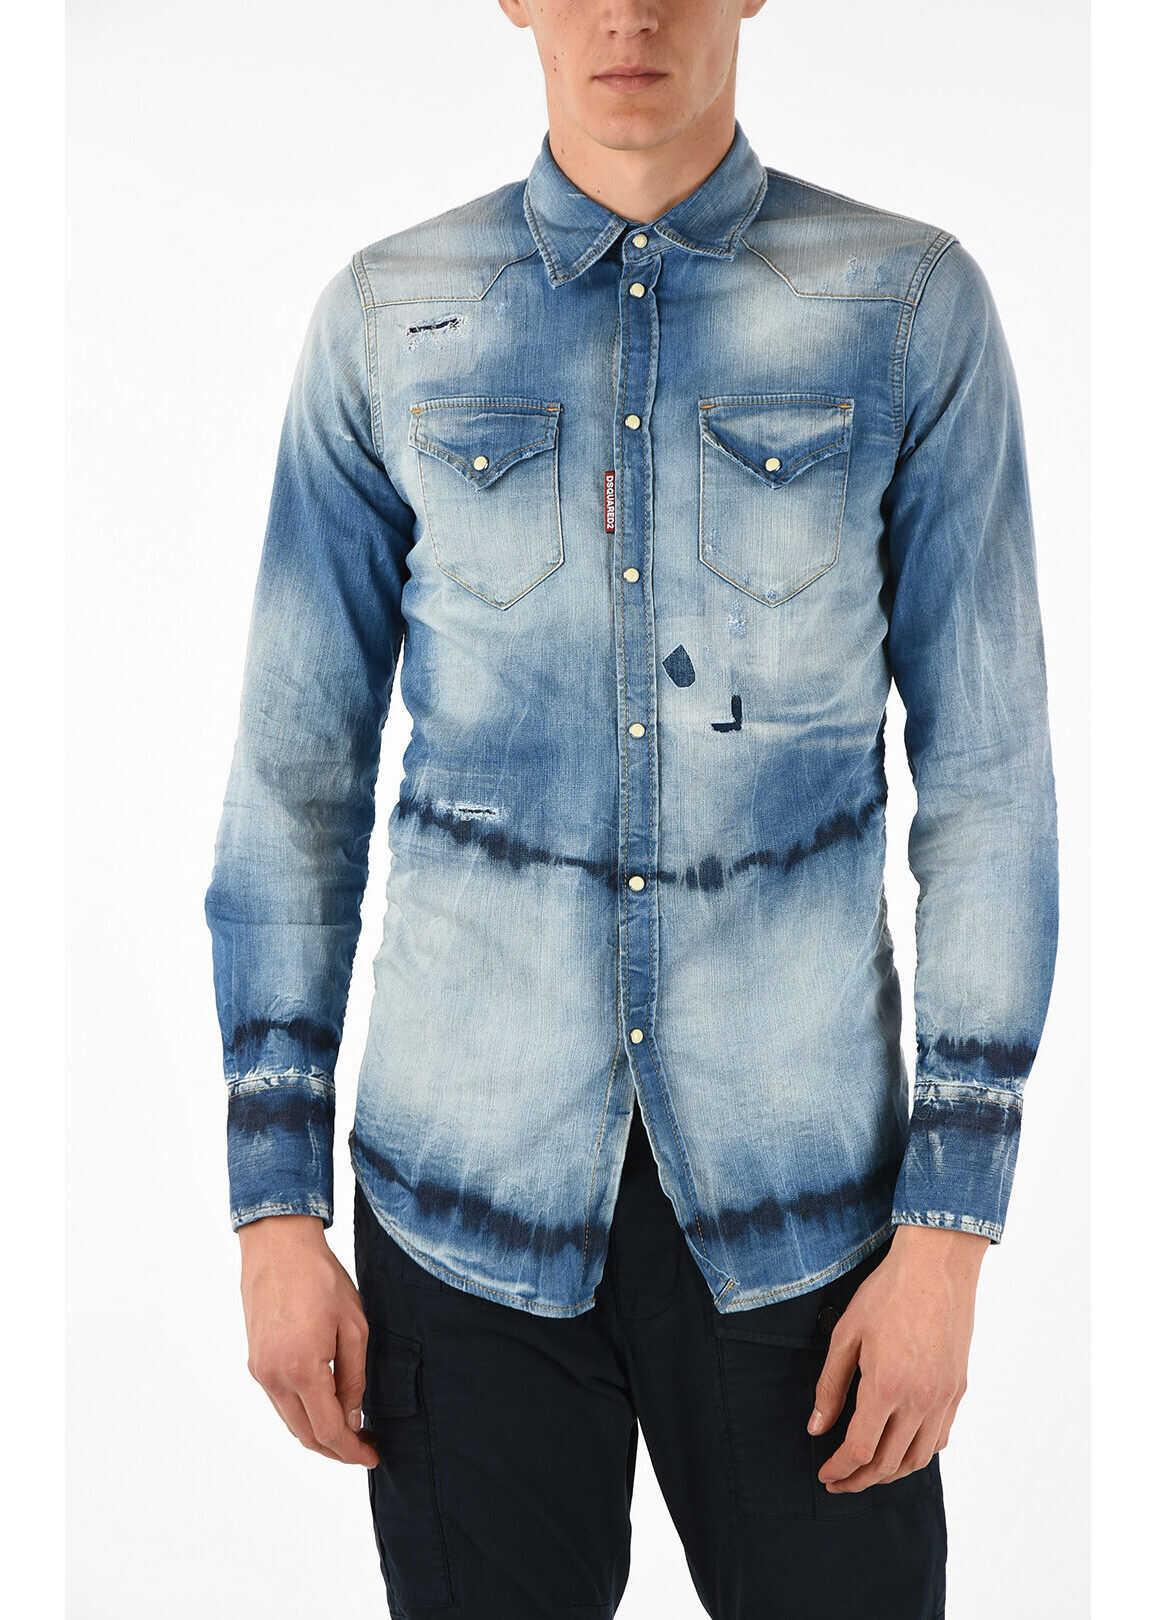 DSQUARED2 Denim Stone Washed Shirt BLUE